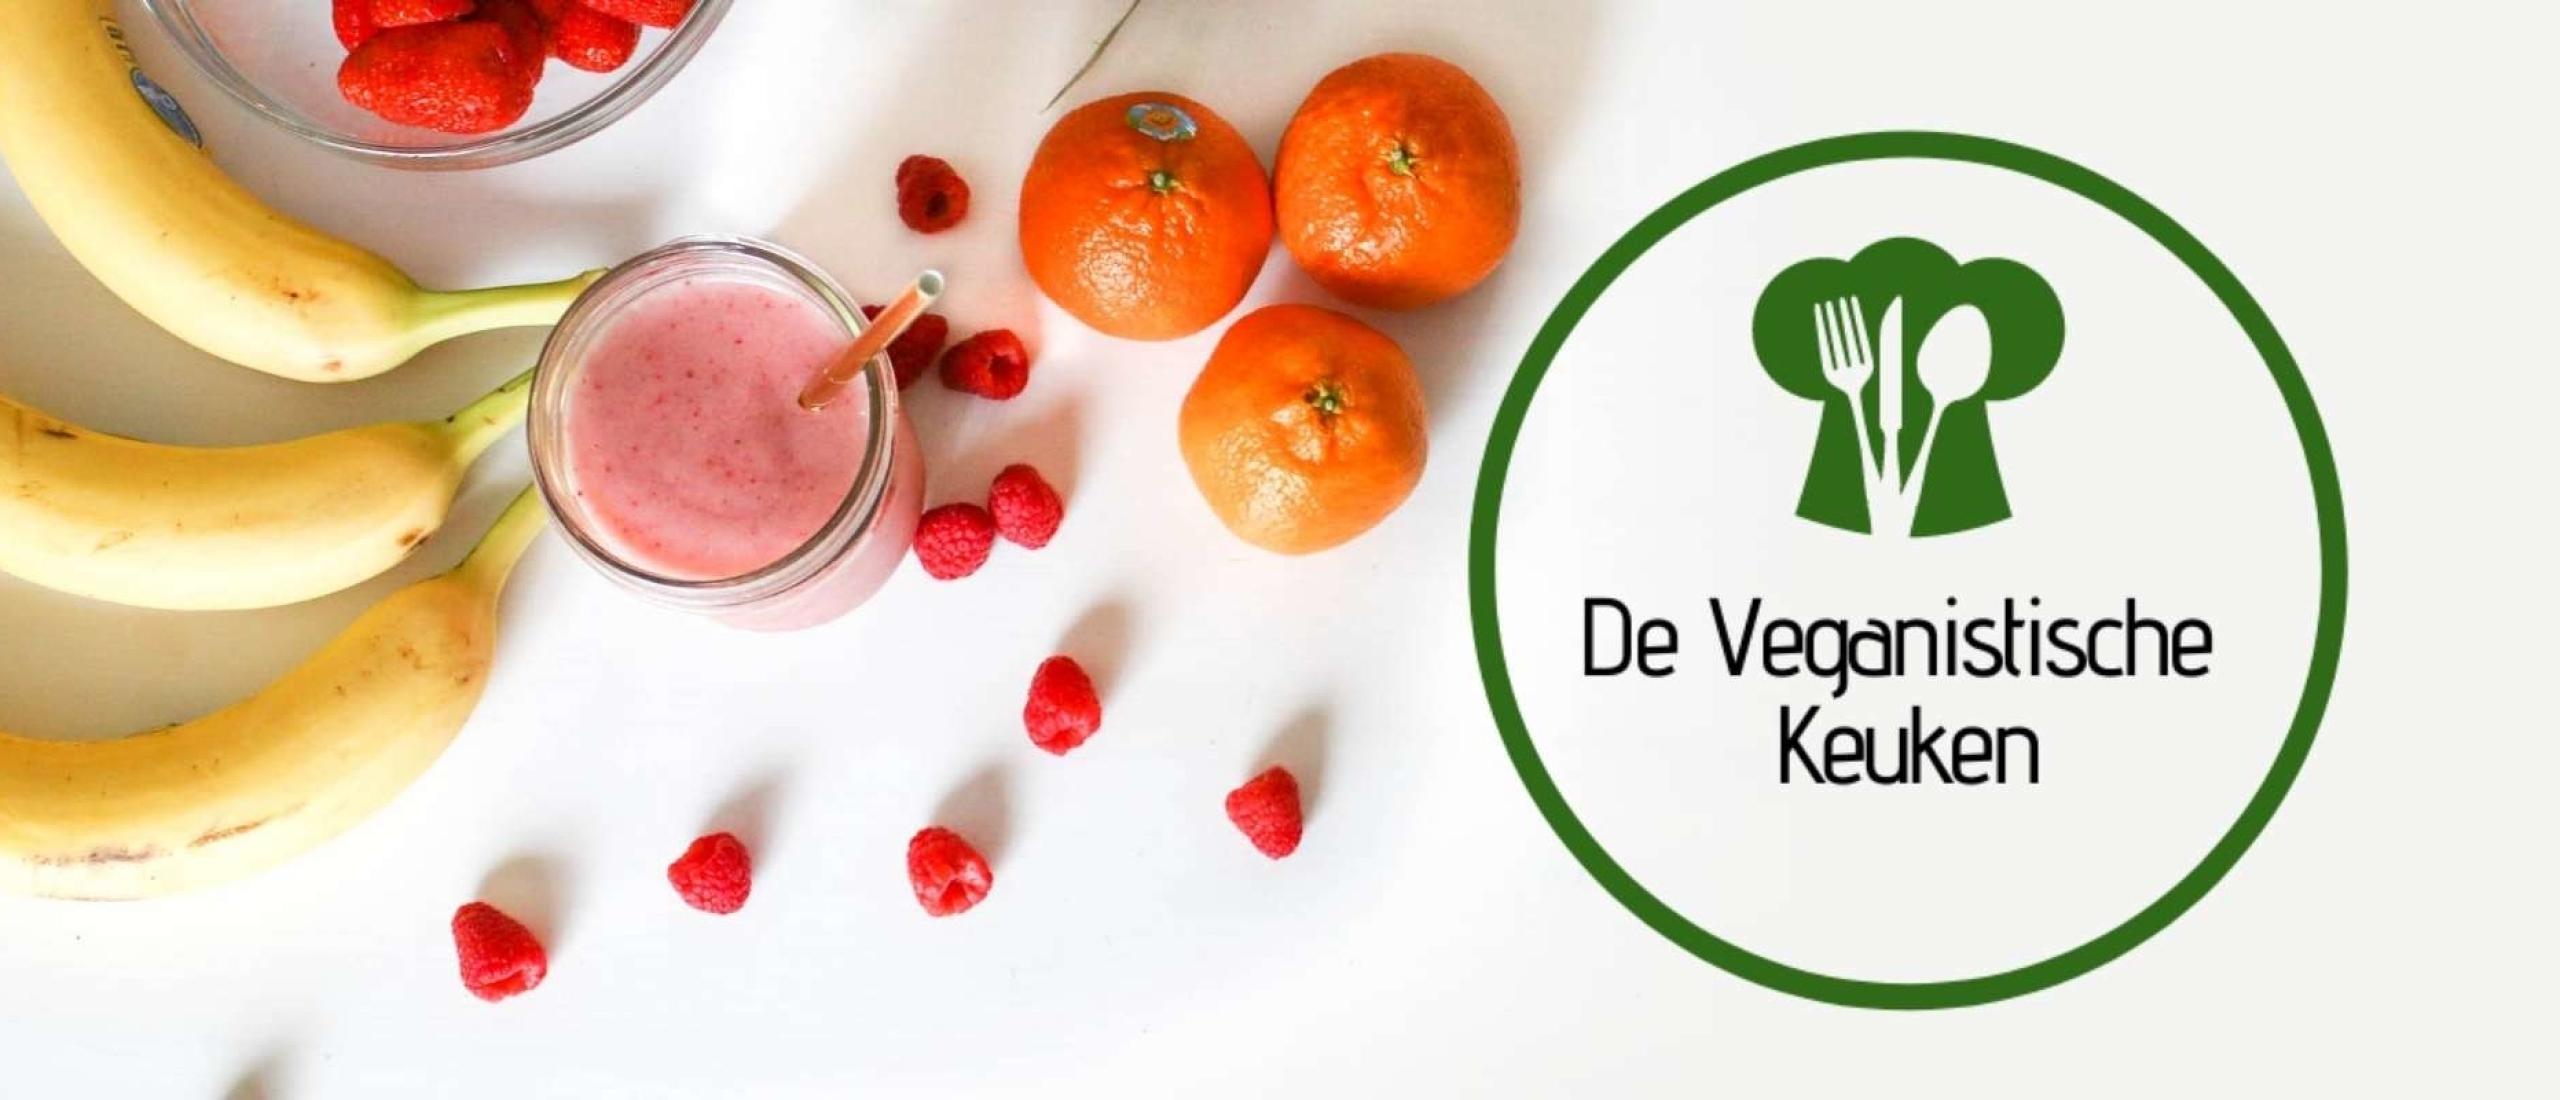 Recept Mei van De veganistische keuken